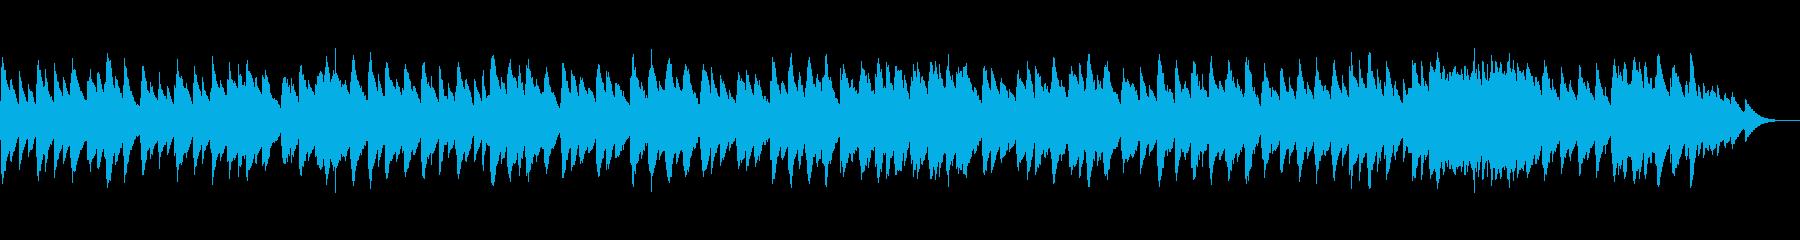 癒しのオルゴール風〜春の小川〜の再生済みの波形